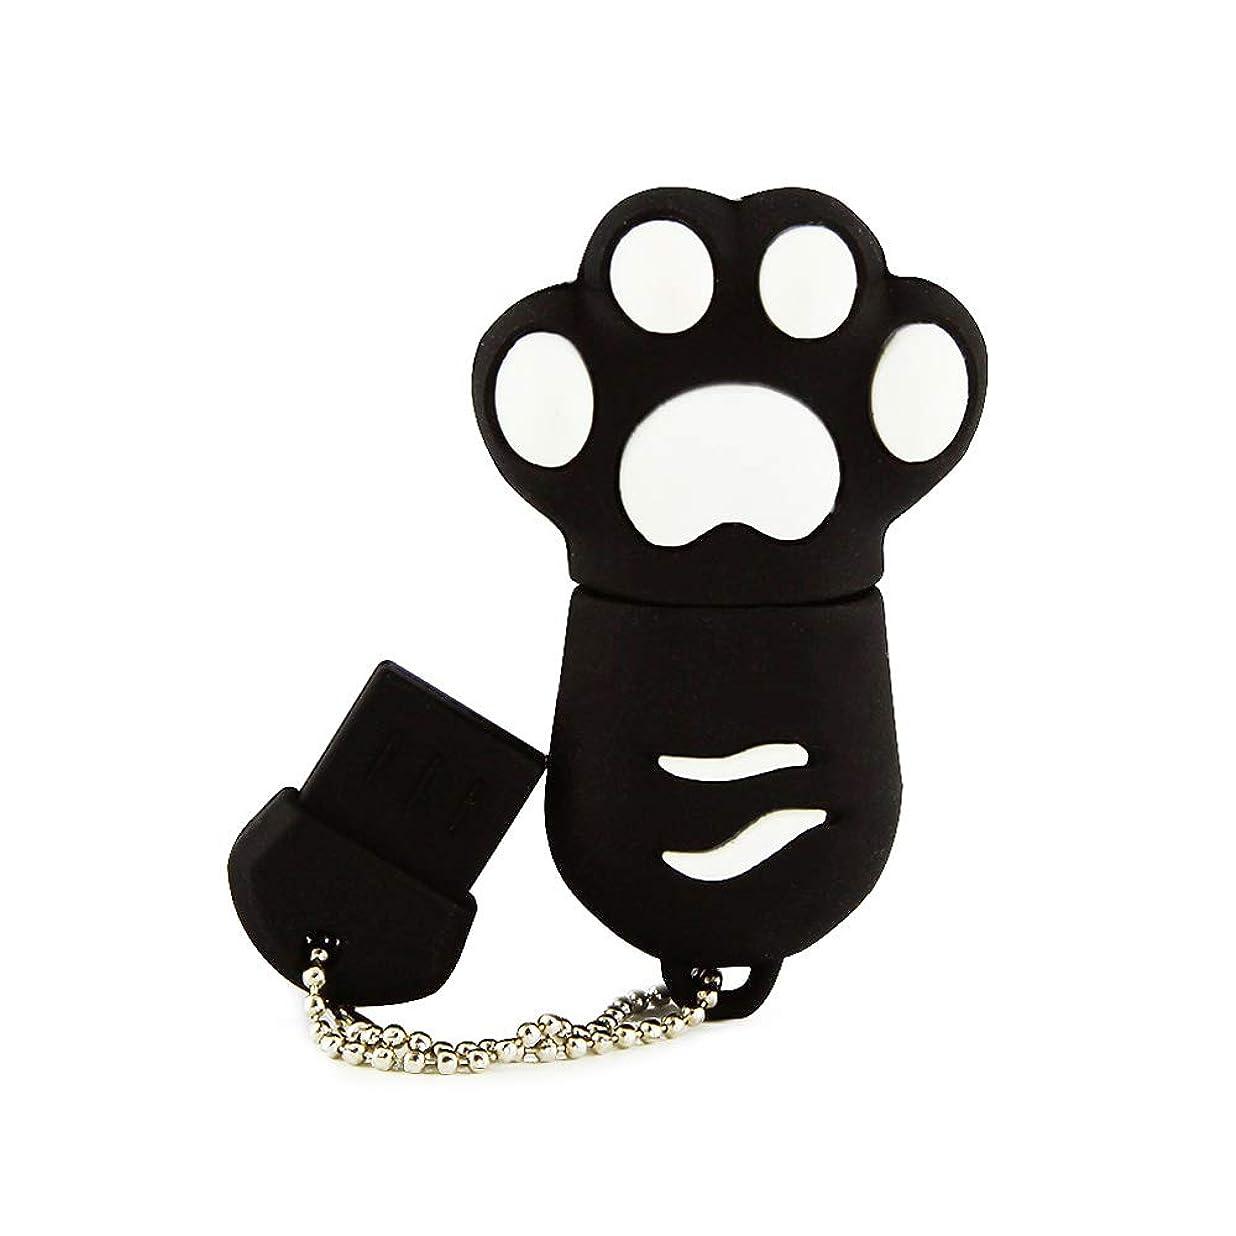 液体生産的時代遅れ64GB USB 3.0メモリ高速フラッシュドライブかわいい動物の猫の足の形状キャラクターメモリースティック ペンドライブ データストレージ おもしろネコ 猫の爪 小型 (ブラック)